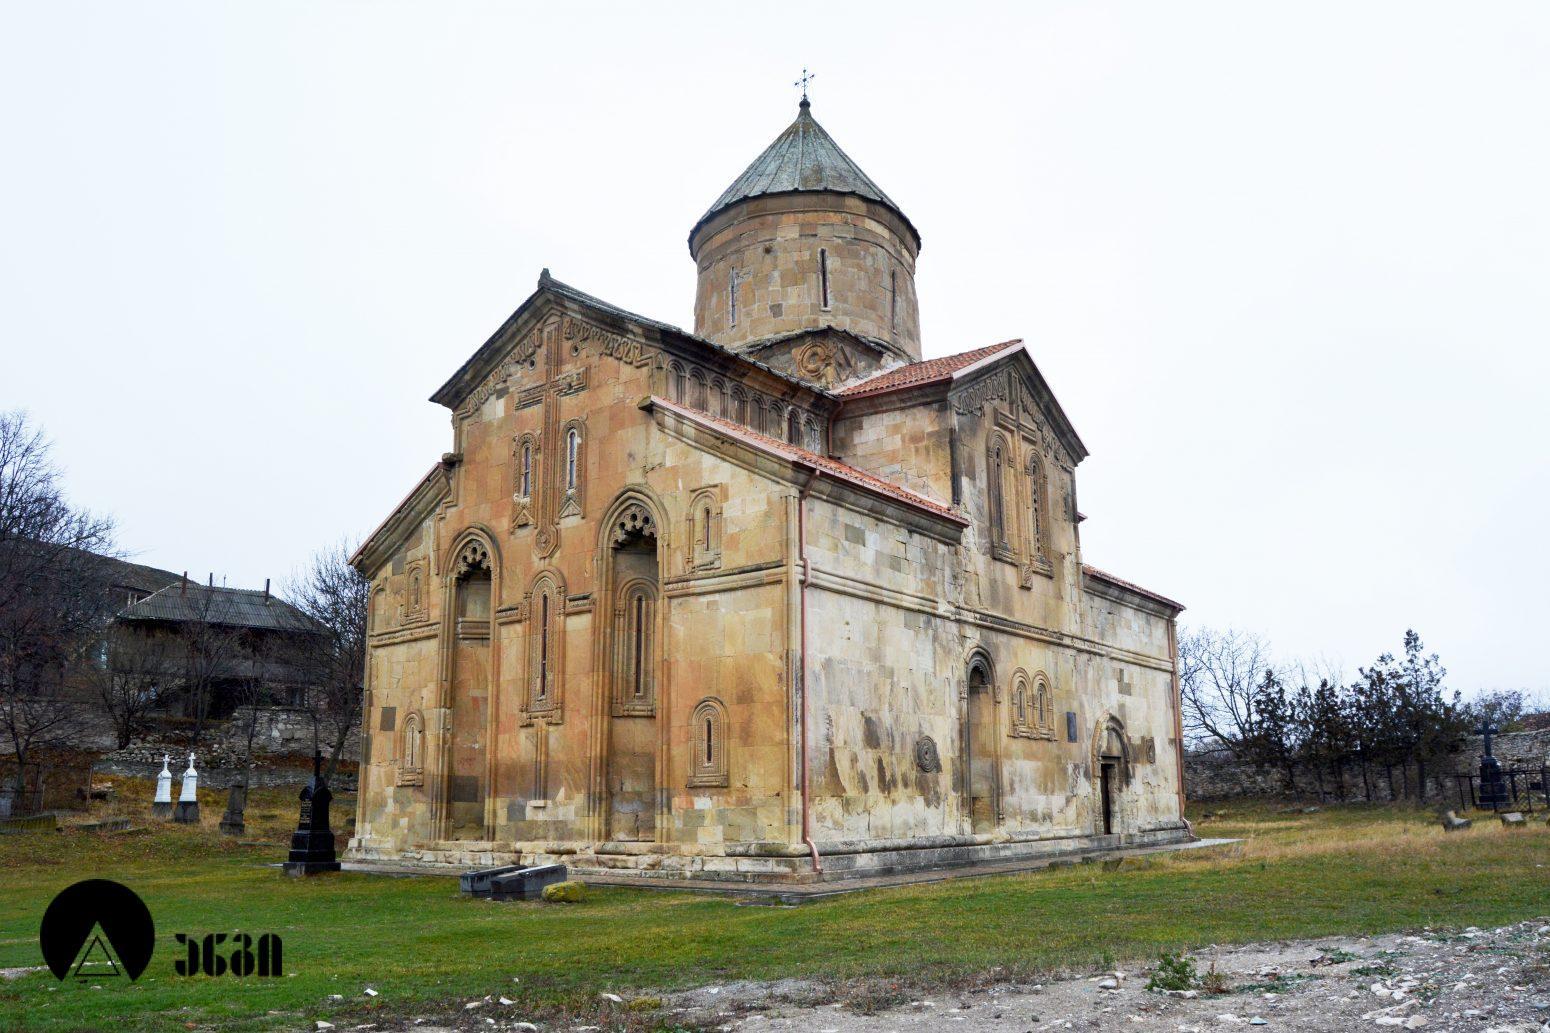 ერთაწმინდის წმინდა ესტატეს სატაძრო კომპლექსი